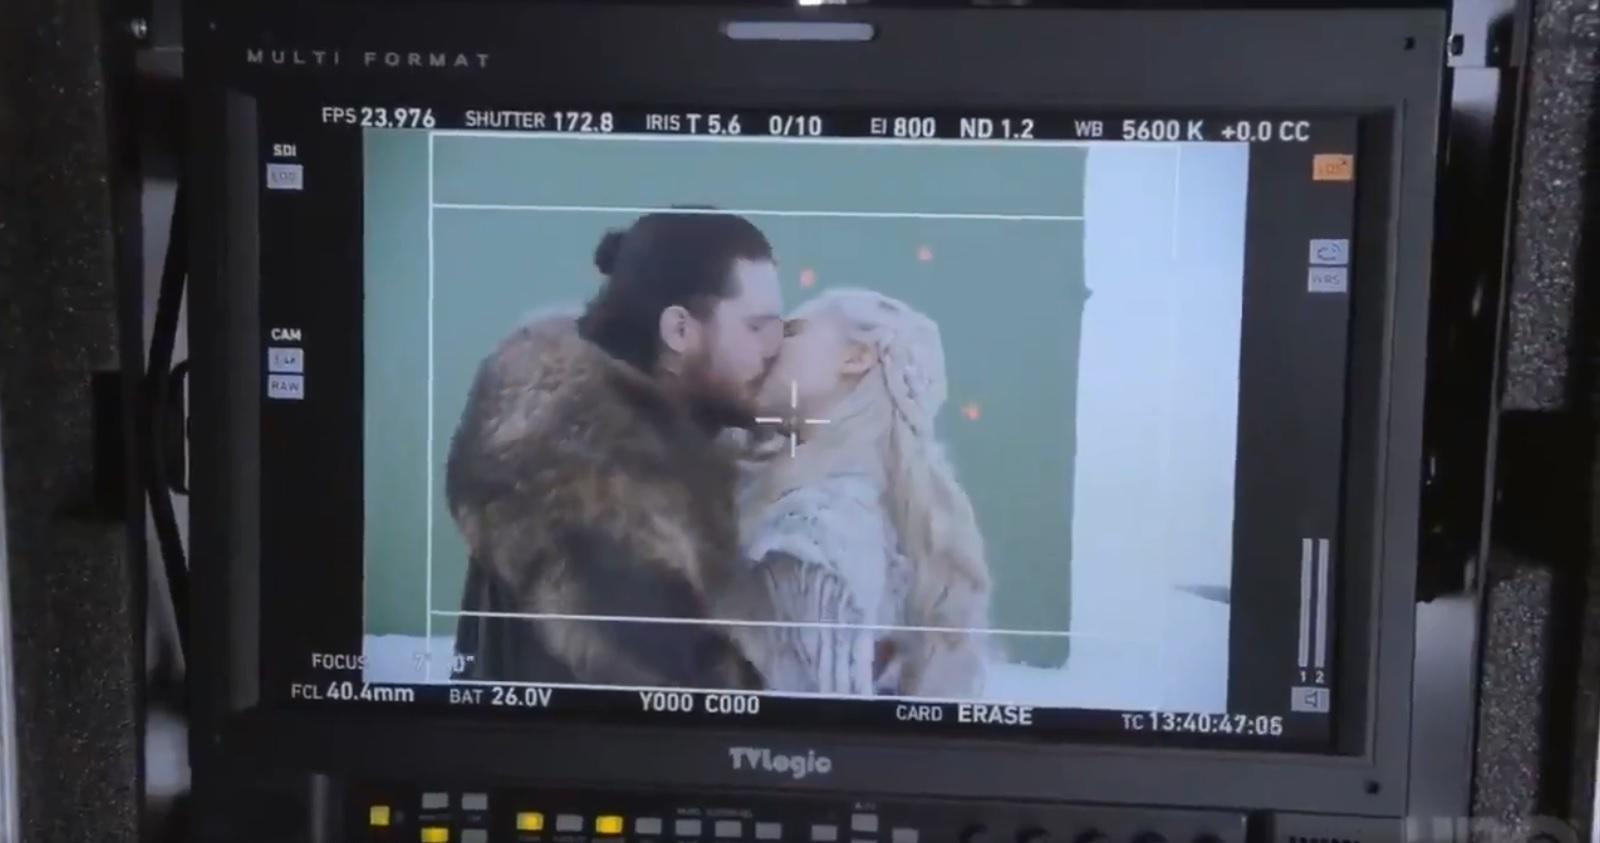 مشهد القبلة بين جون سنو ودنيرس تارجارين